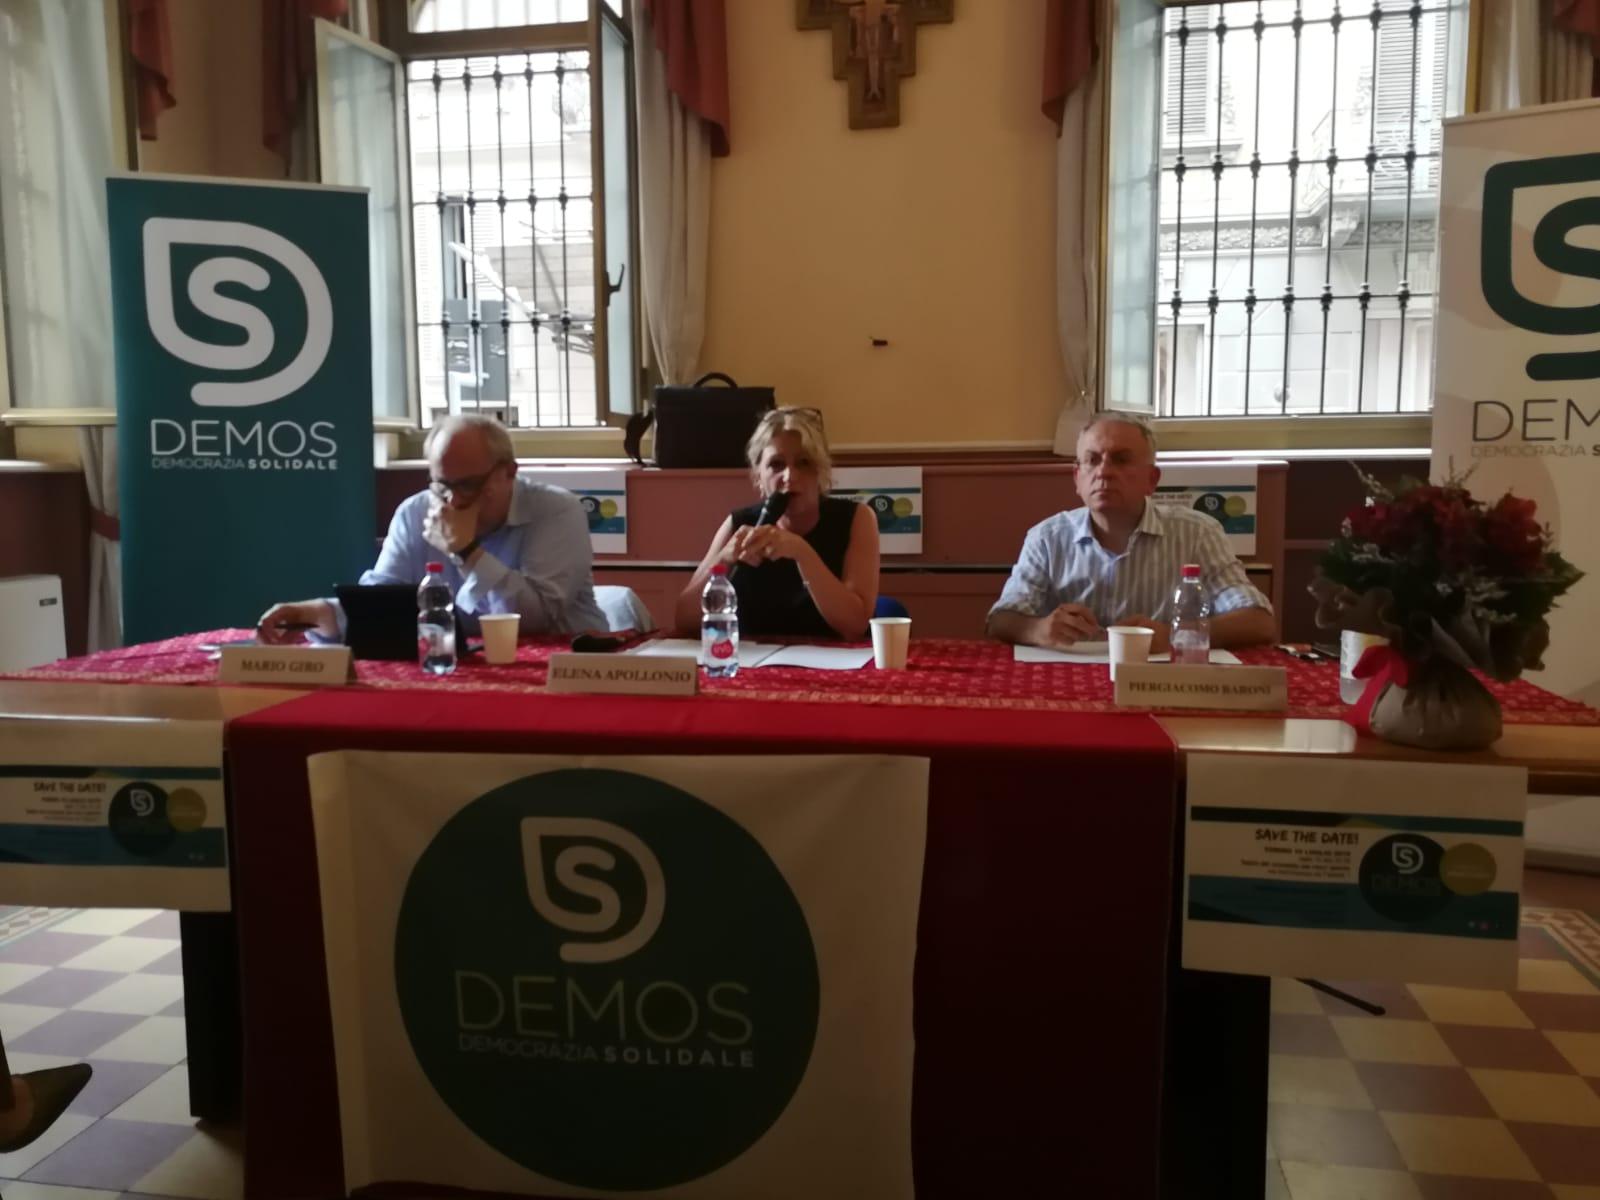 demos democrazia solidale piemonte assemblea regionale mario giro elena apollonio piergiacomo baroni